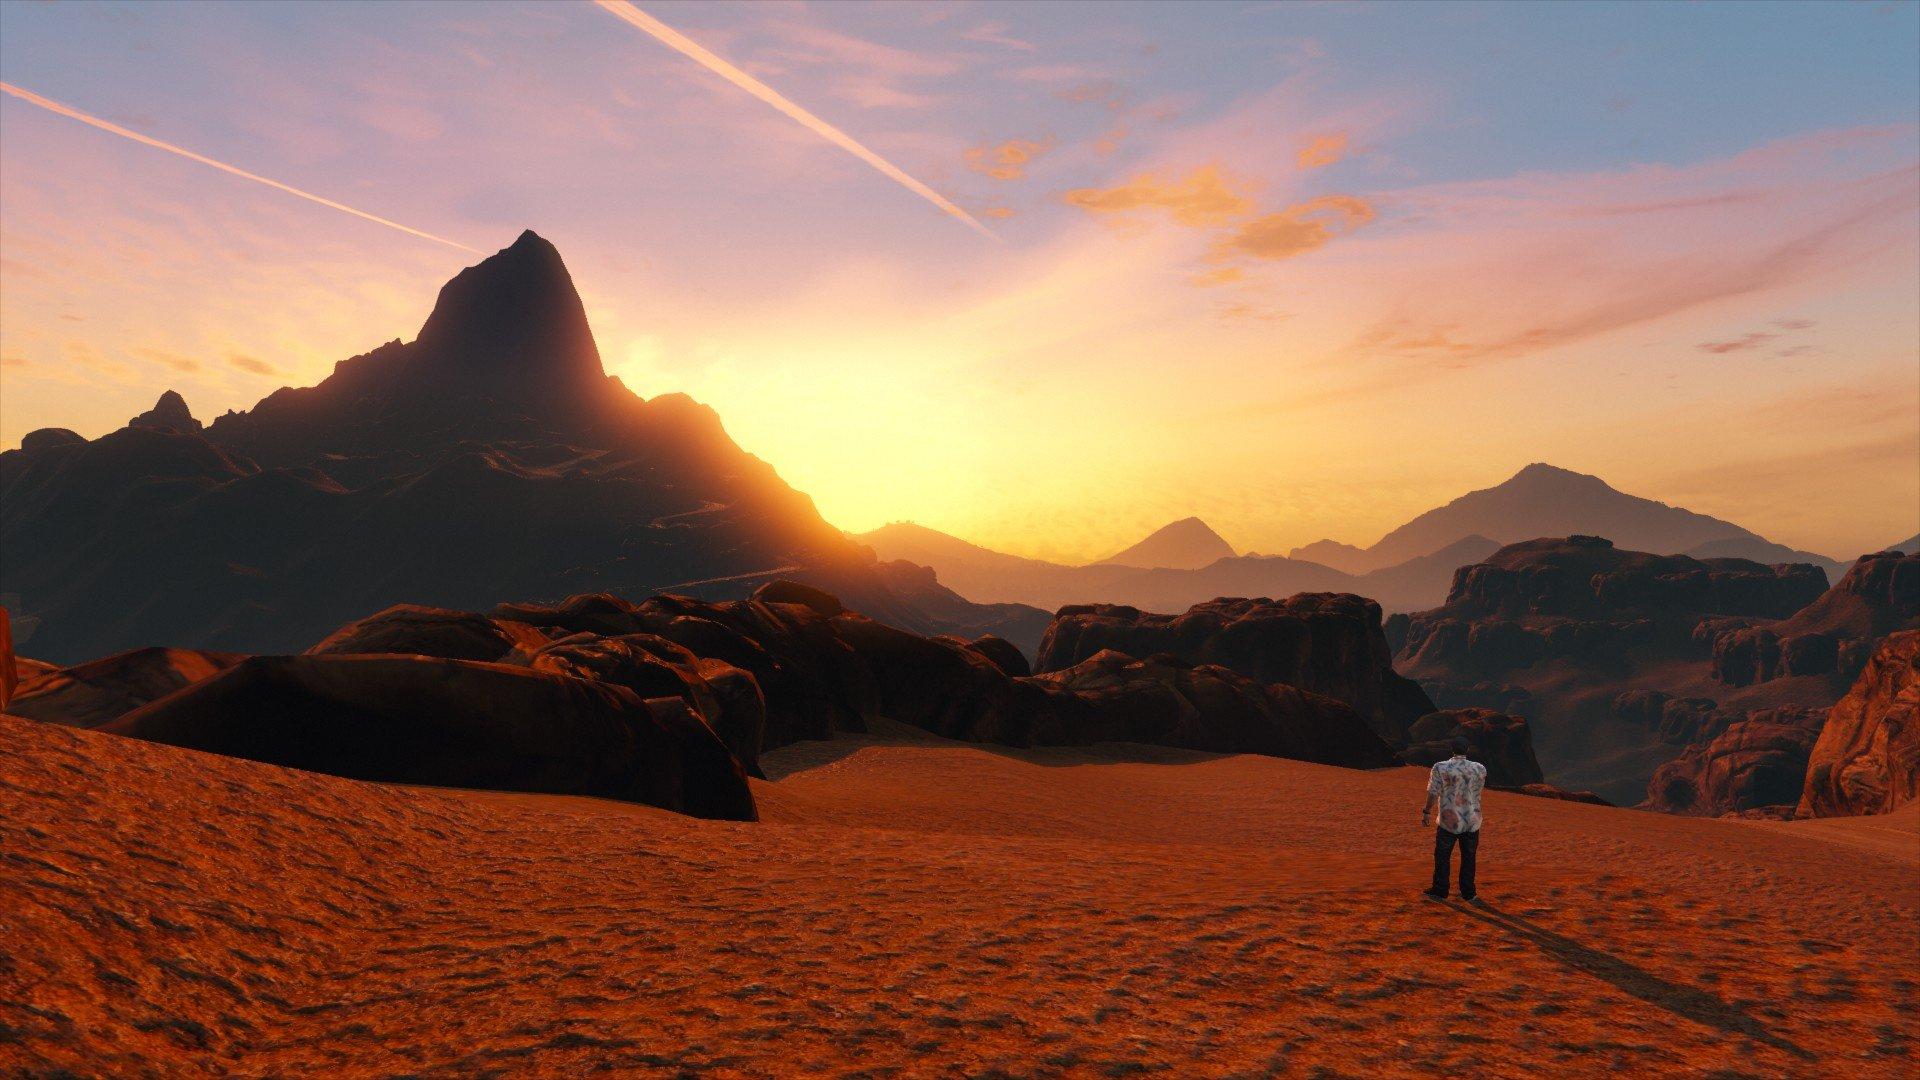 Red Dead Desert